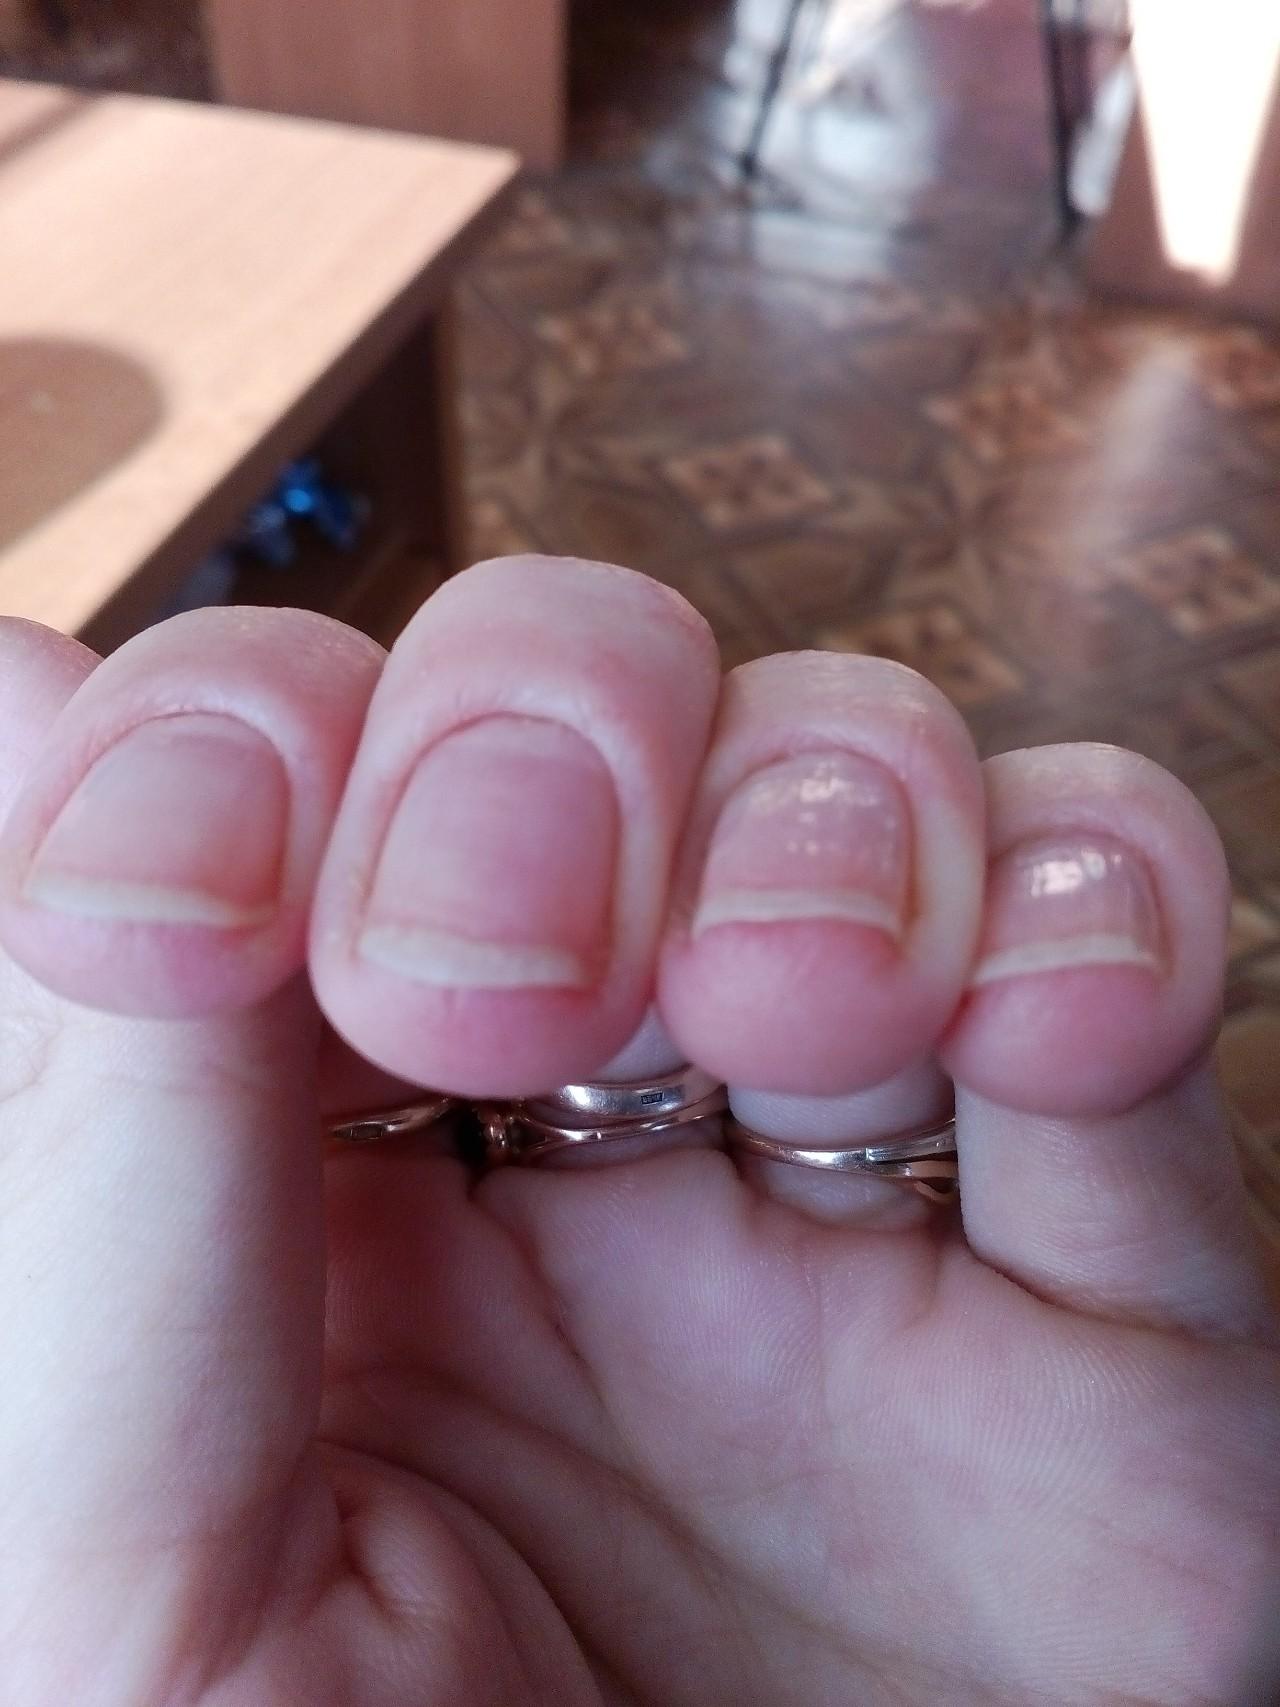 Опухоль на пальце ноги около ногтя